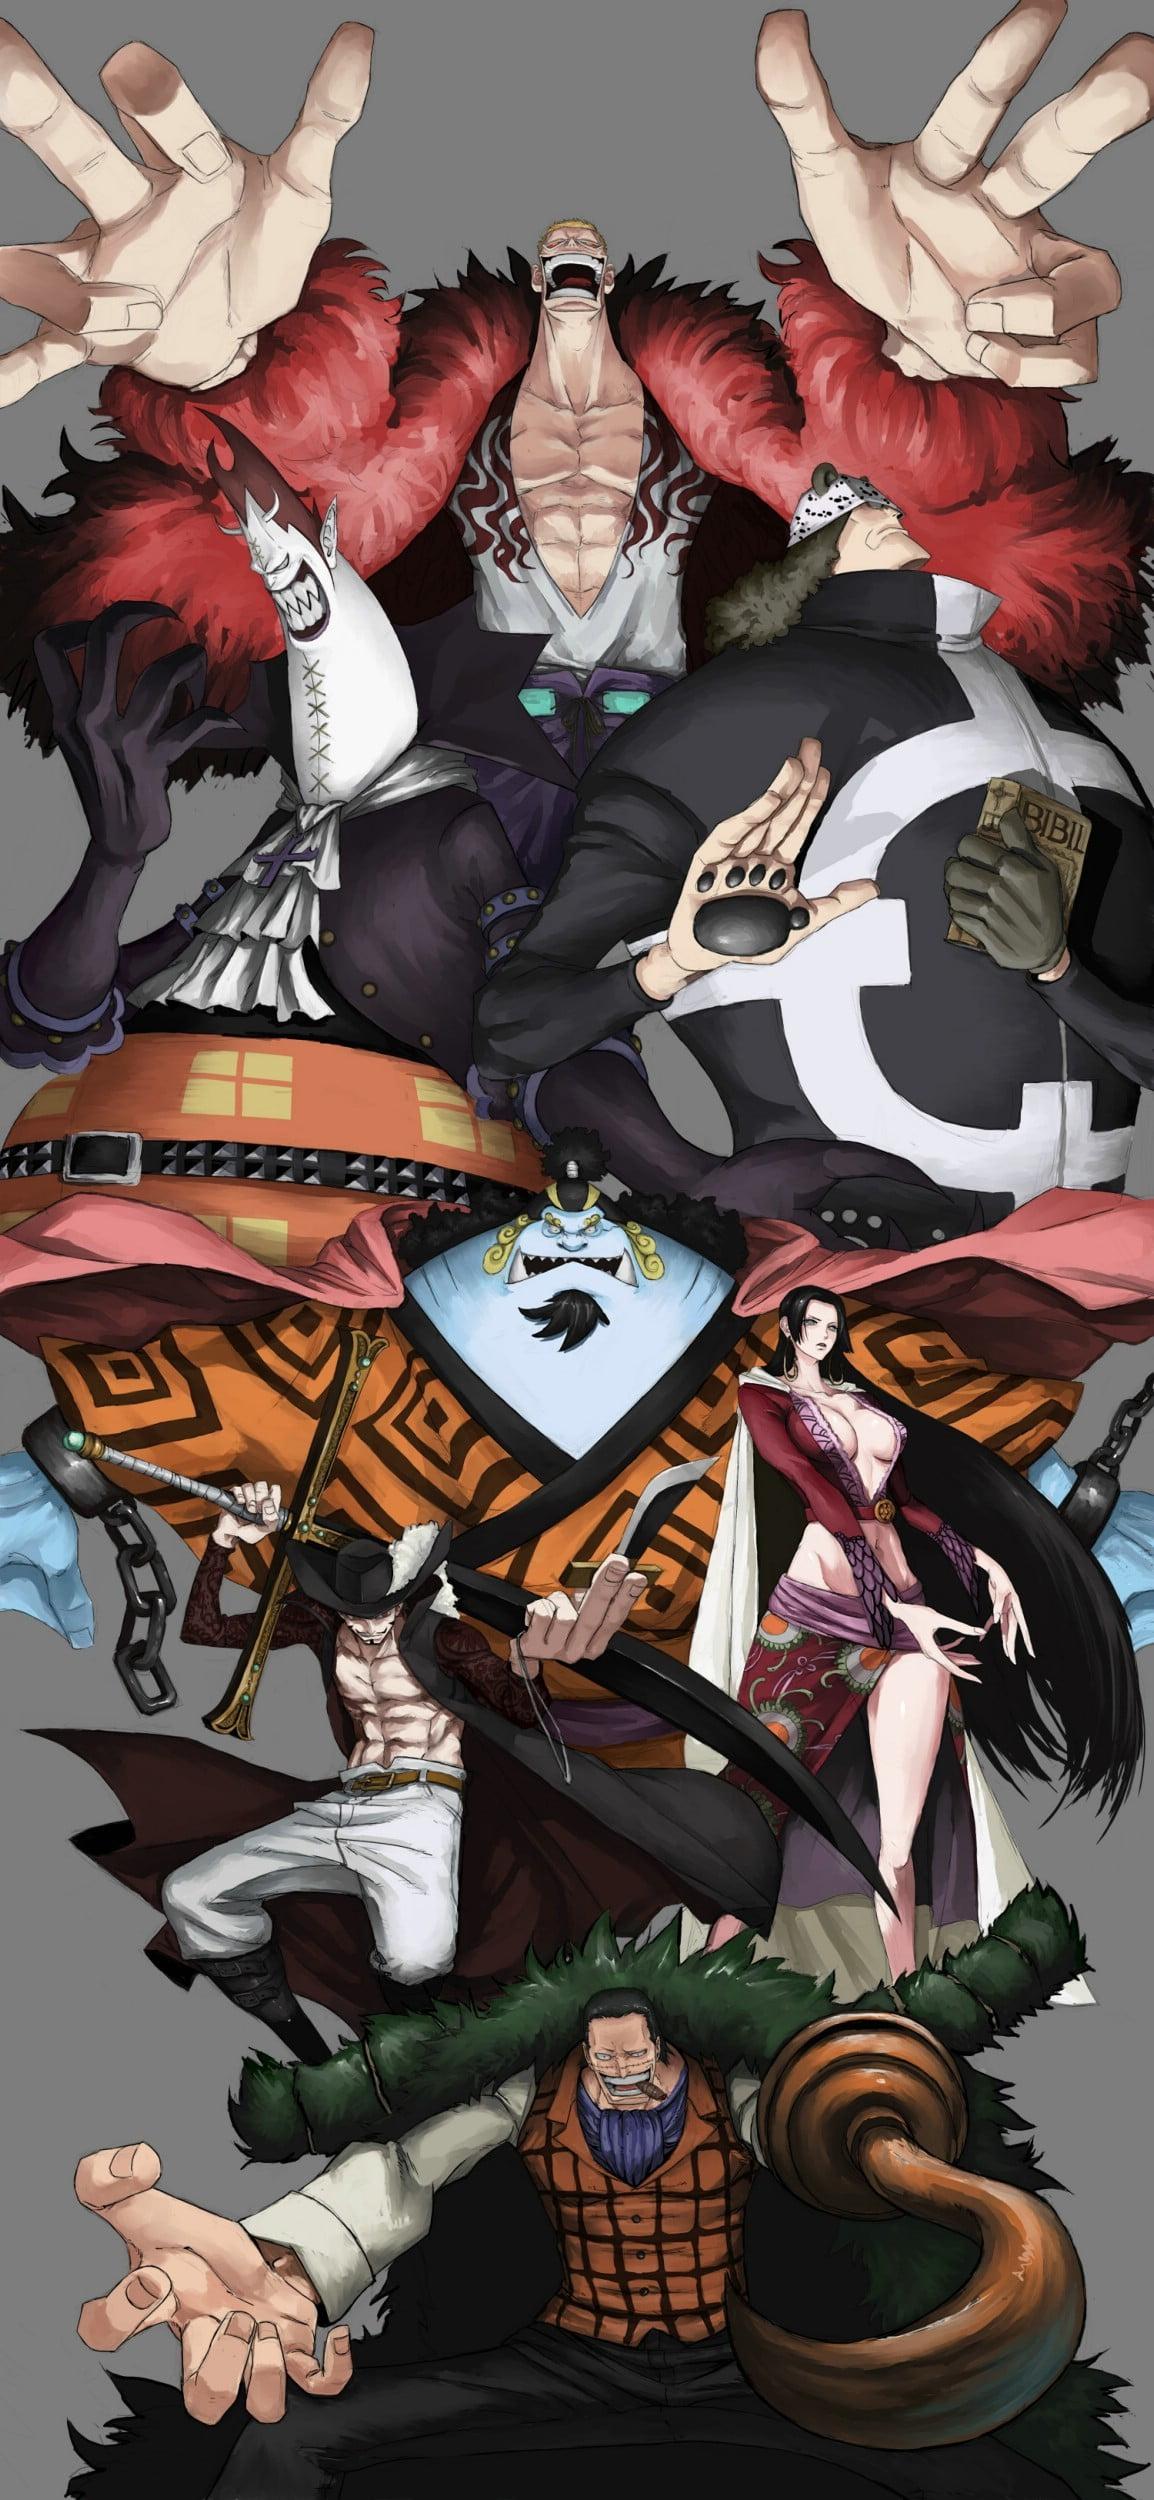 One Piece Phone Wallpaper Hd 1154x2500 Download Hd Wallpaper Wallpapertip